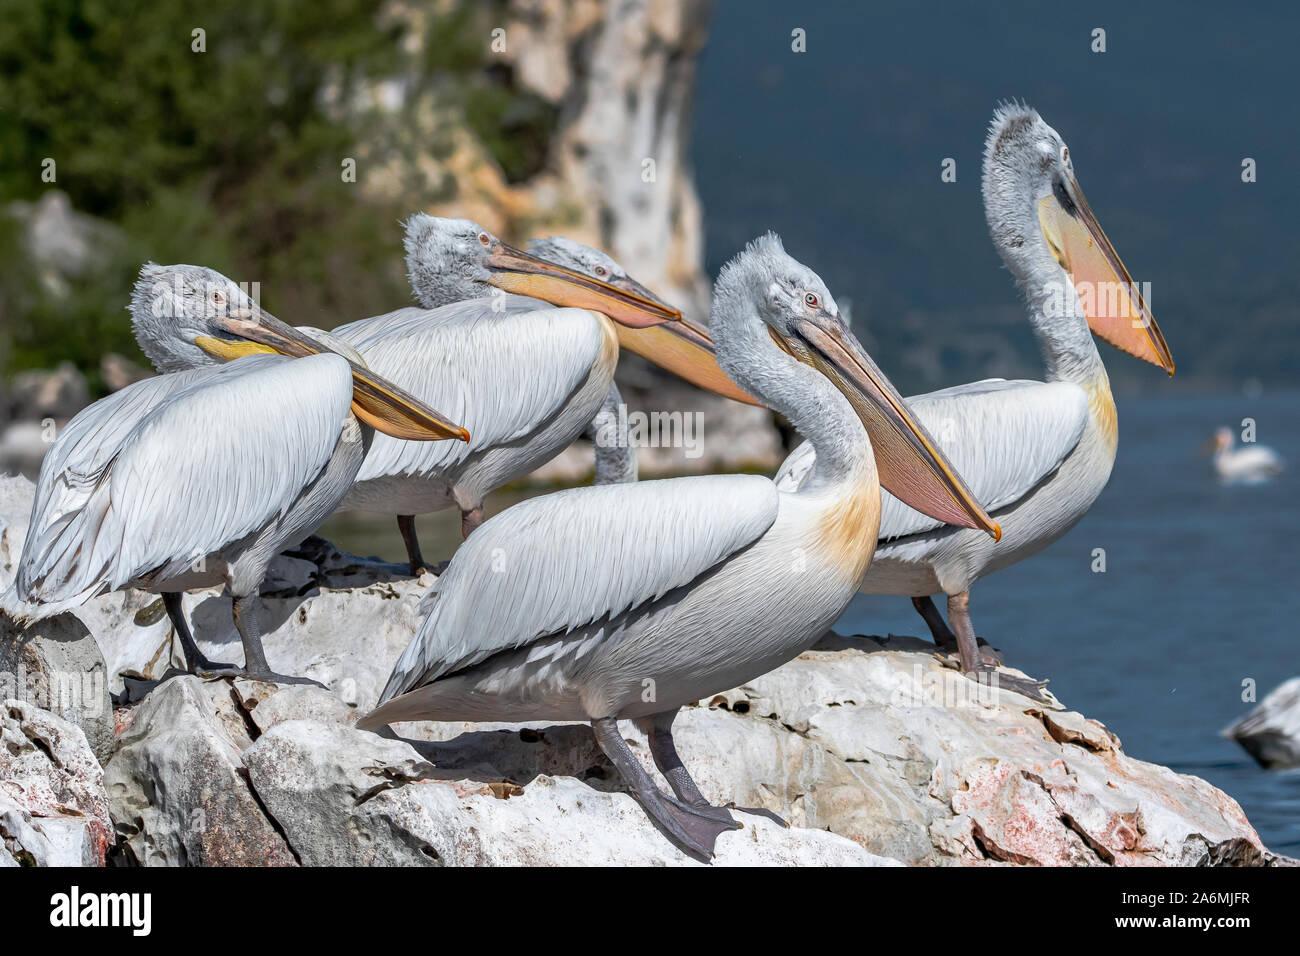 Pelícano dálmata - Pelecanus crispus. El miembro más masivo del pelican familia, y quizás las aves de agua dulce más grande del mundo. Foto de stock